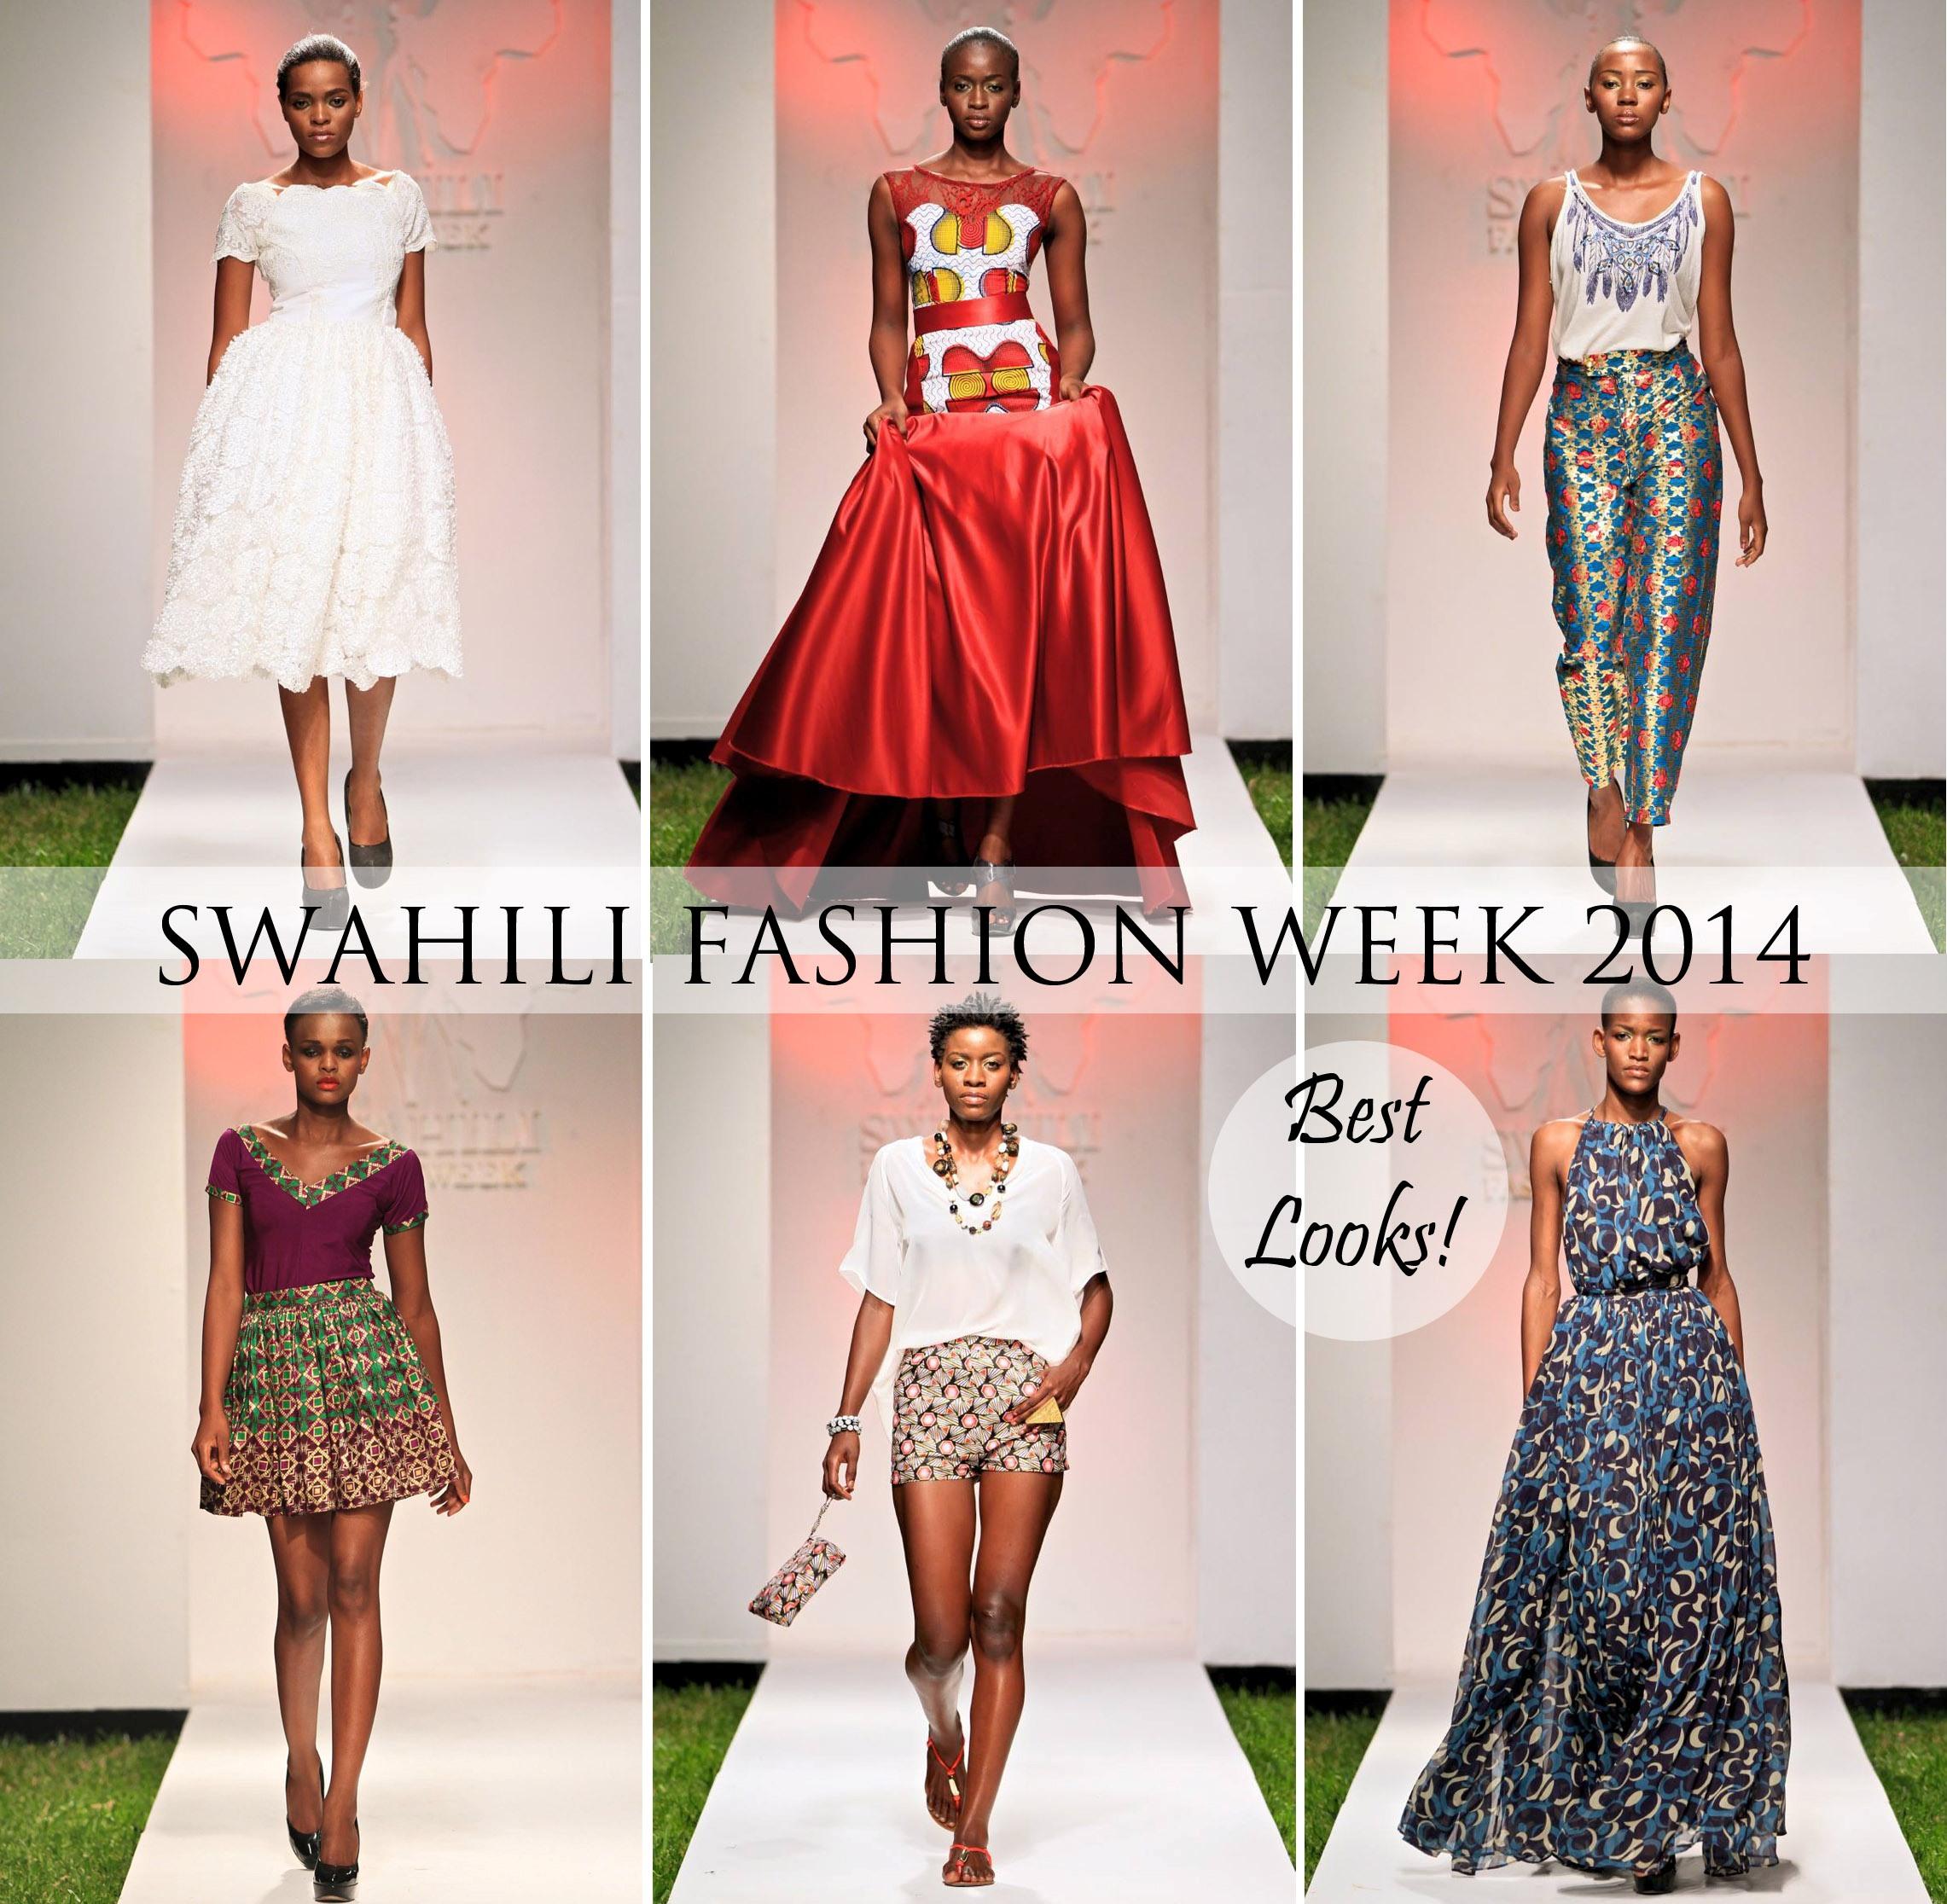 Swahili Fashion Week 2014